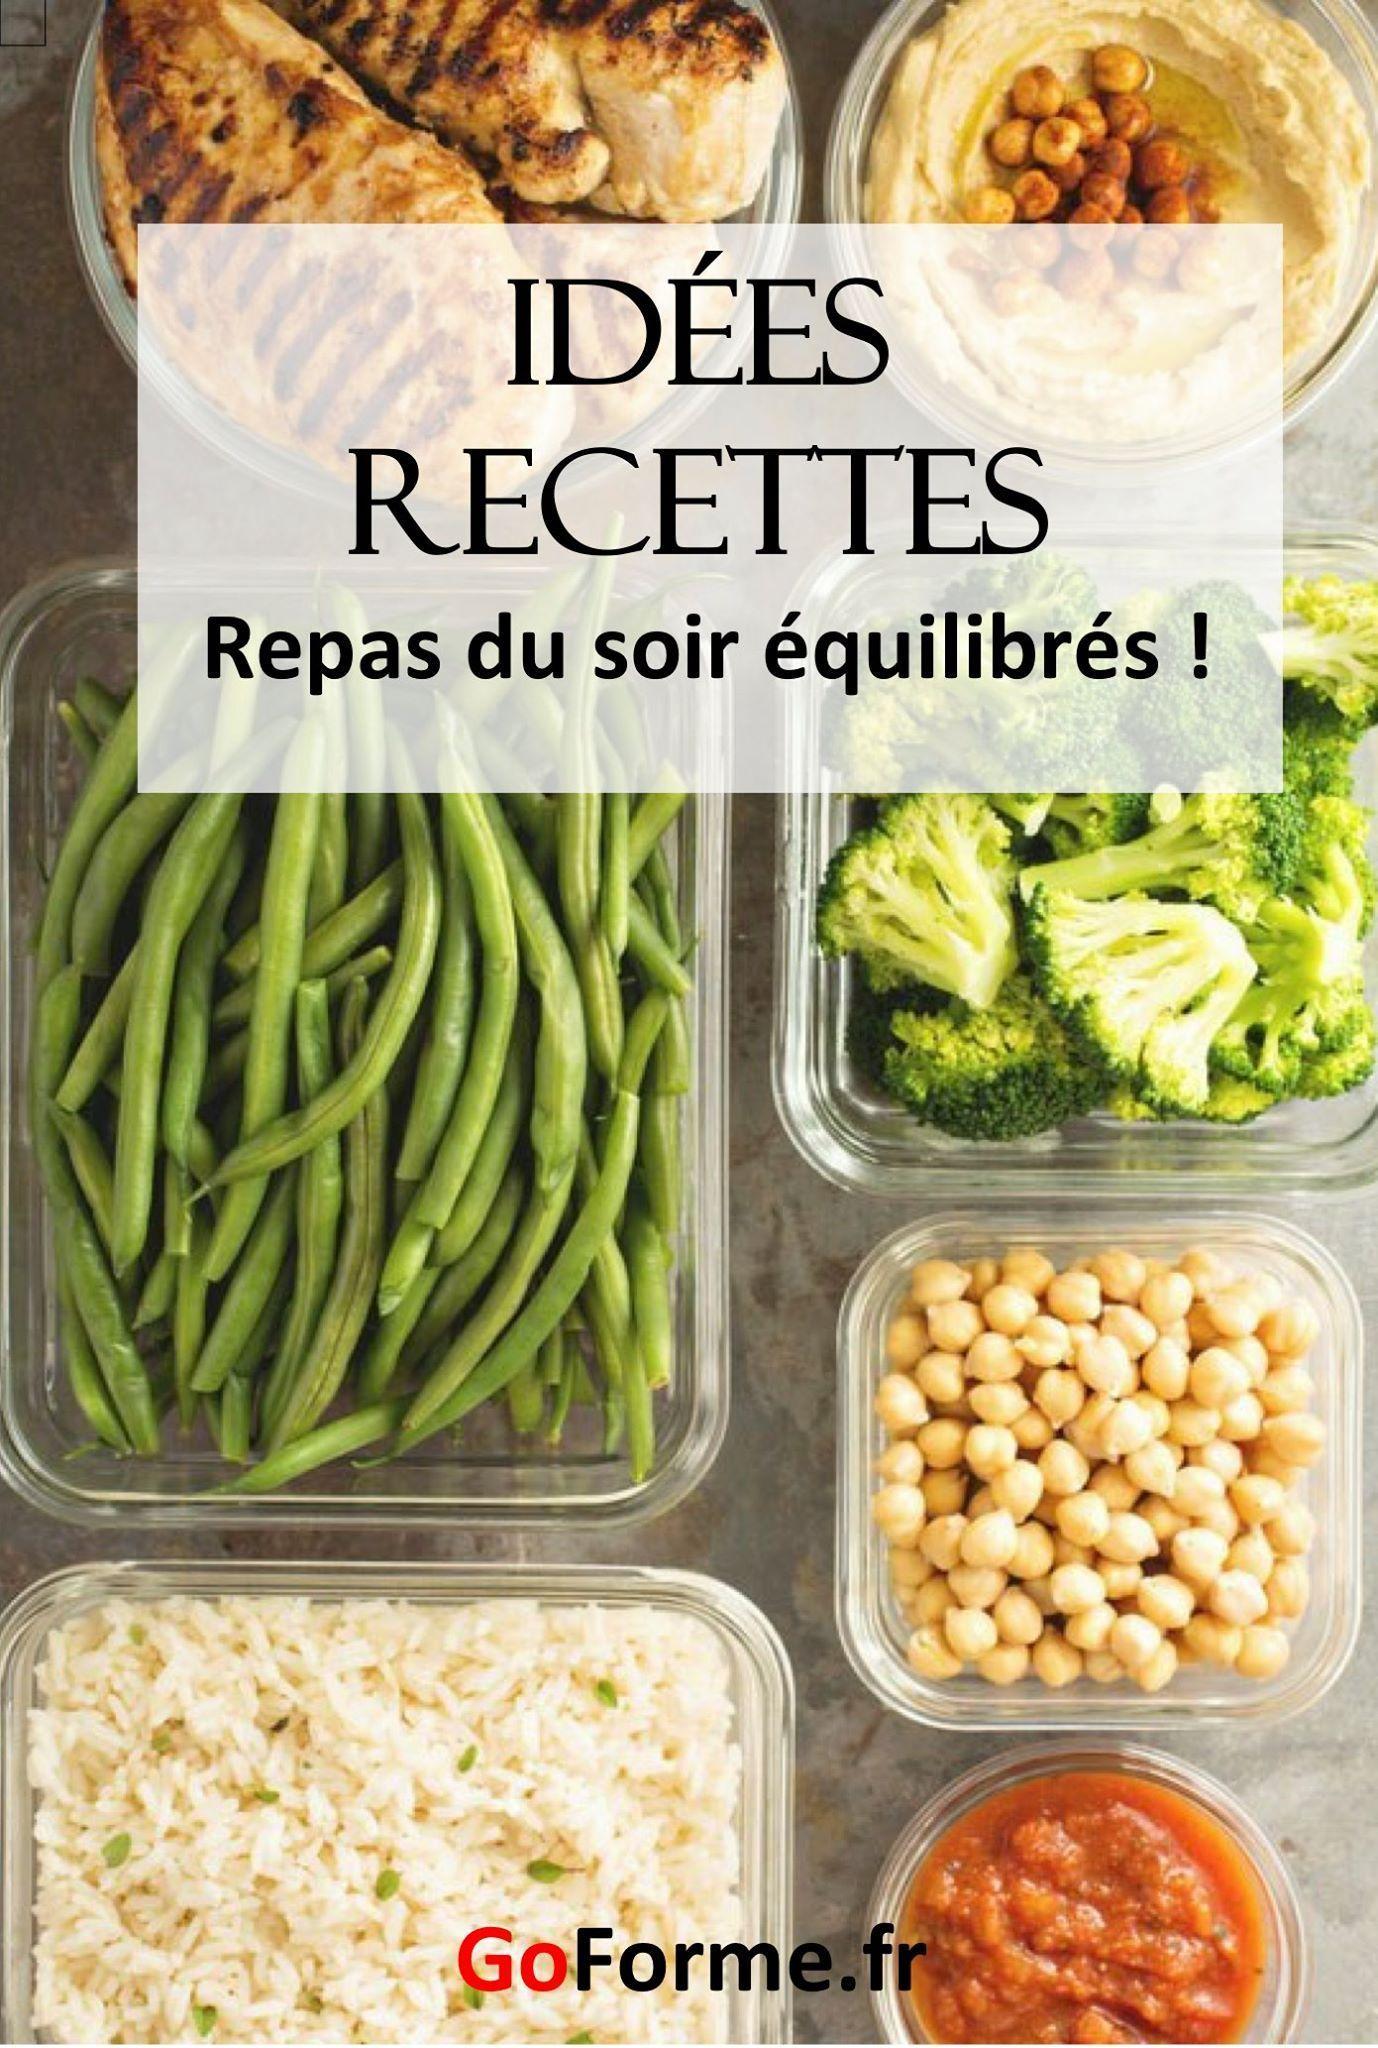 Idée Menu Pour Le Soir Comment préparer un repas équilibré pour le soir ? | Recette repas